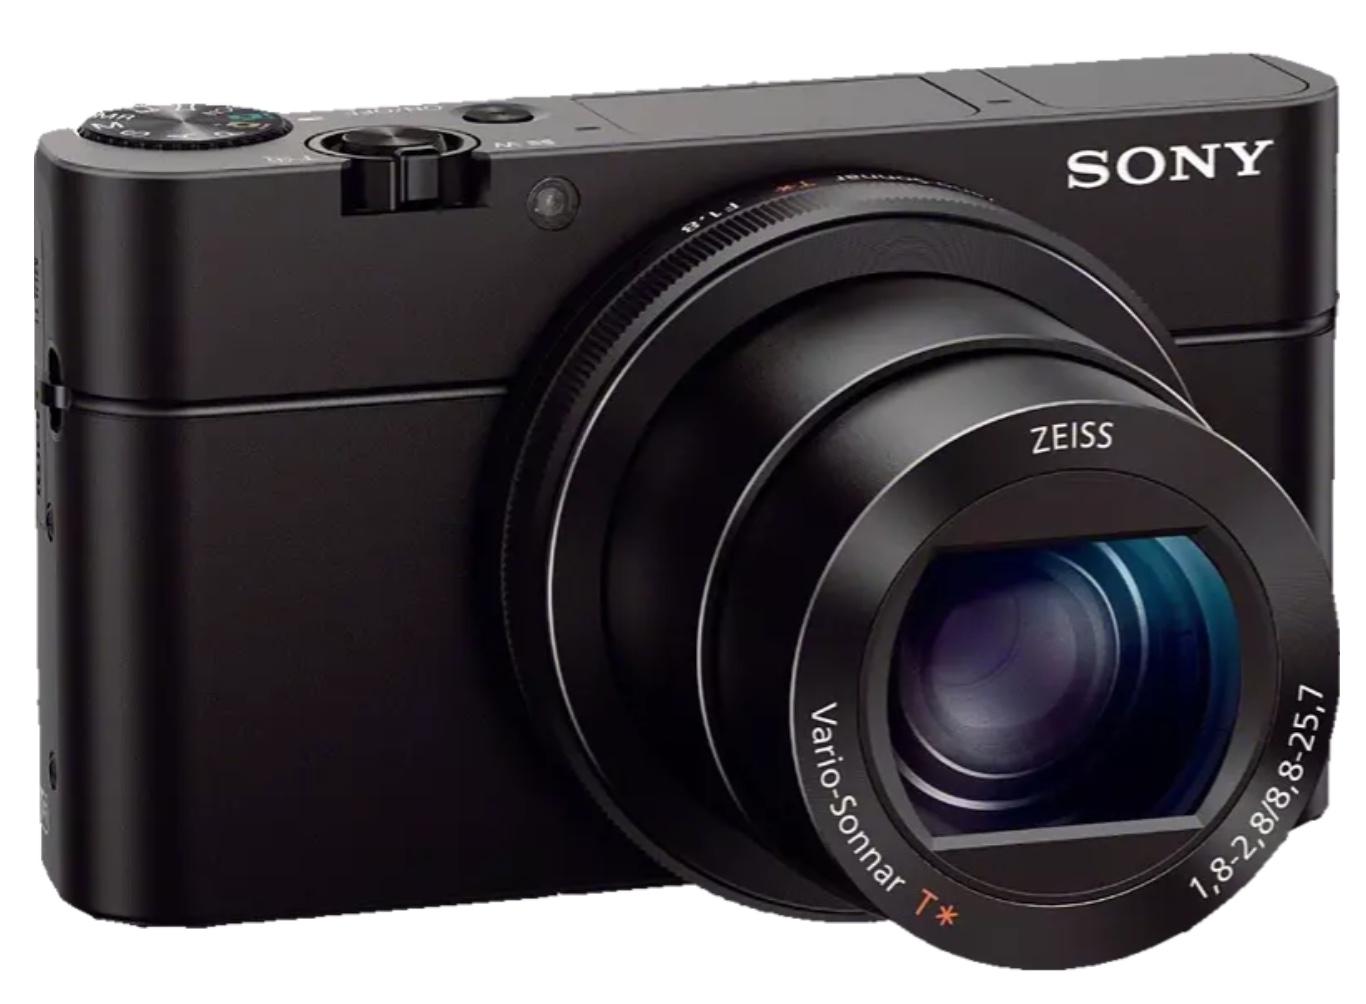 SONY Cyber-shot DSC-RX100 III Zeiss Digitalkamera für nur 399€ inkl. Versand